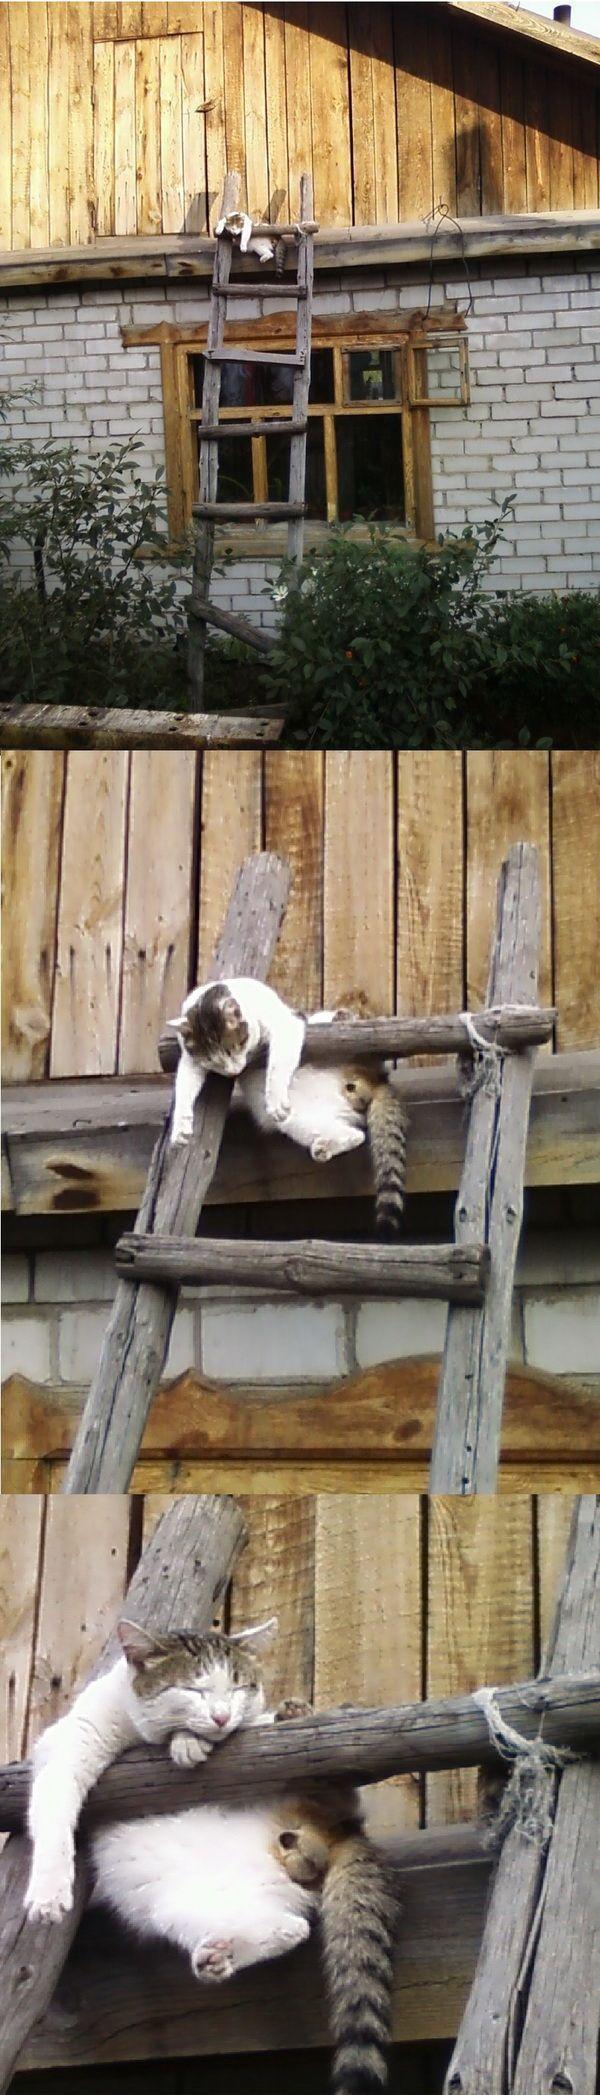 面白い猫画像 13|ねこLatte+